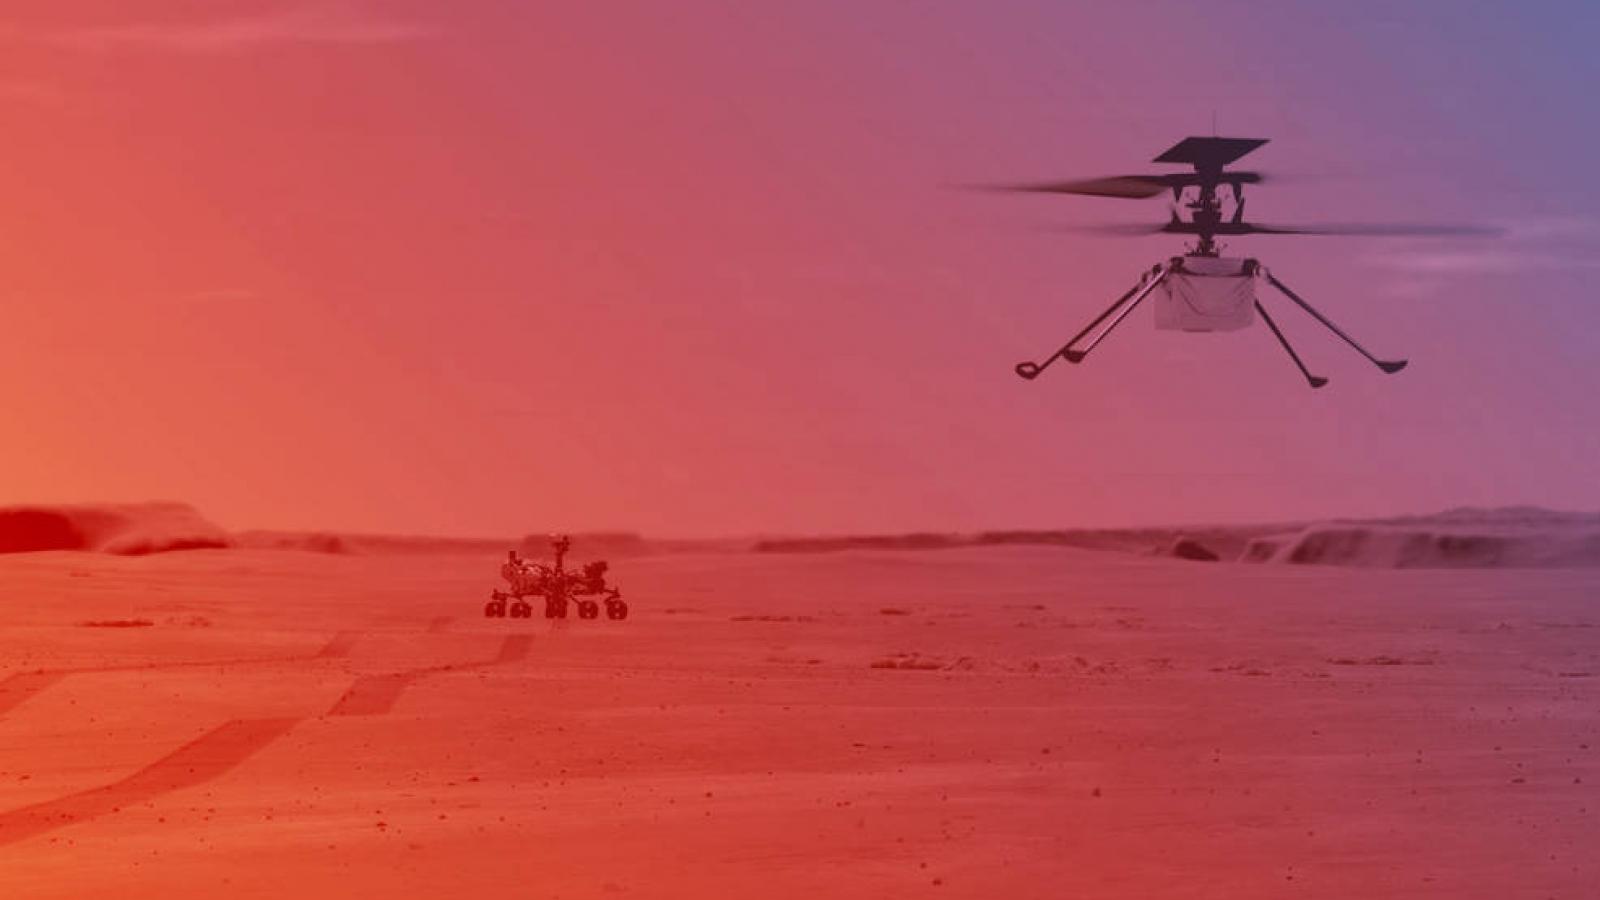 Trực thăng mini của NASA sẵn sàng thực hiện chuyến bay đầu tiên trên sao Hỏa